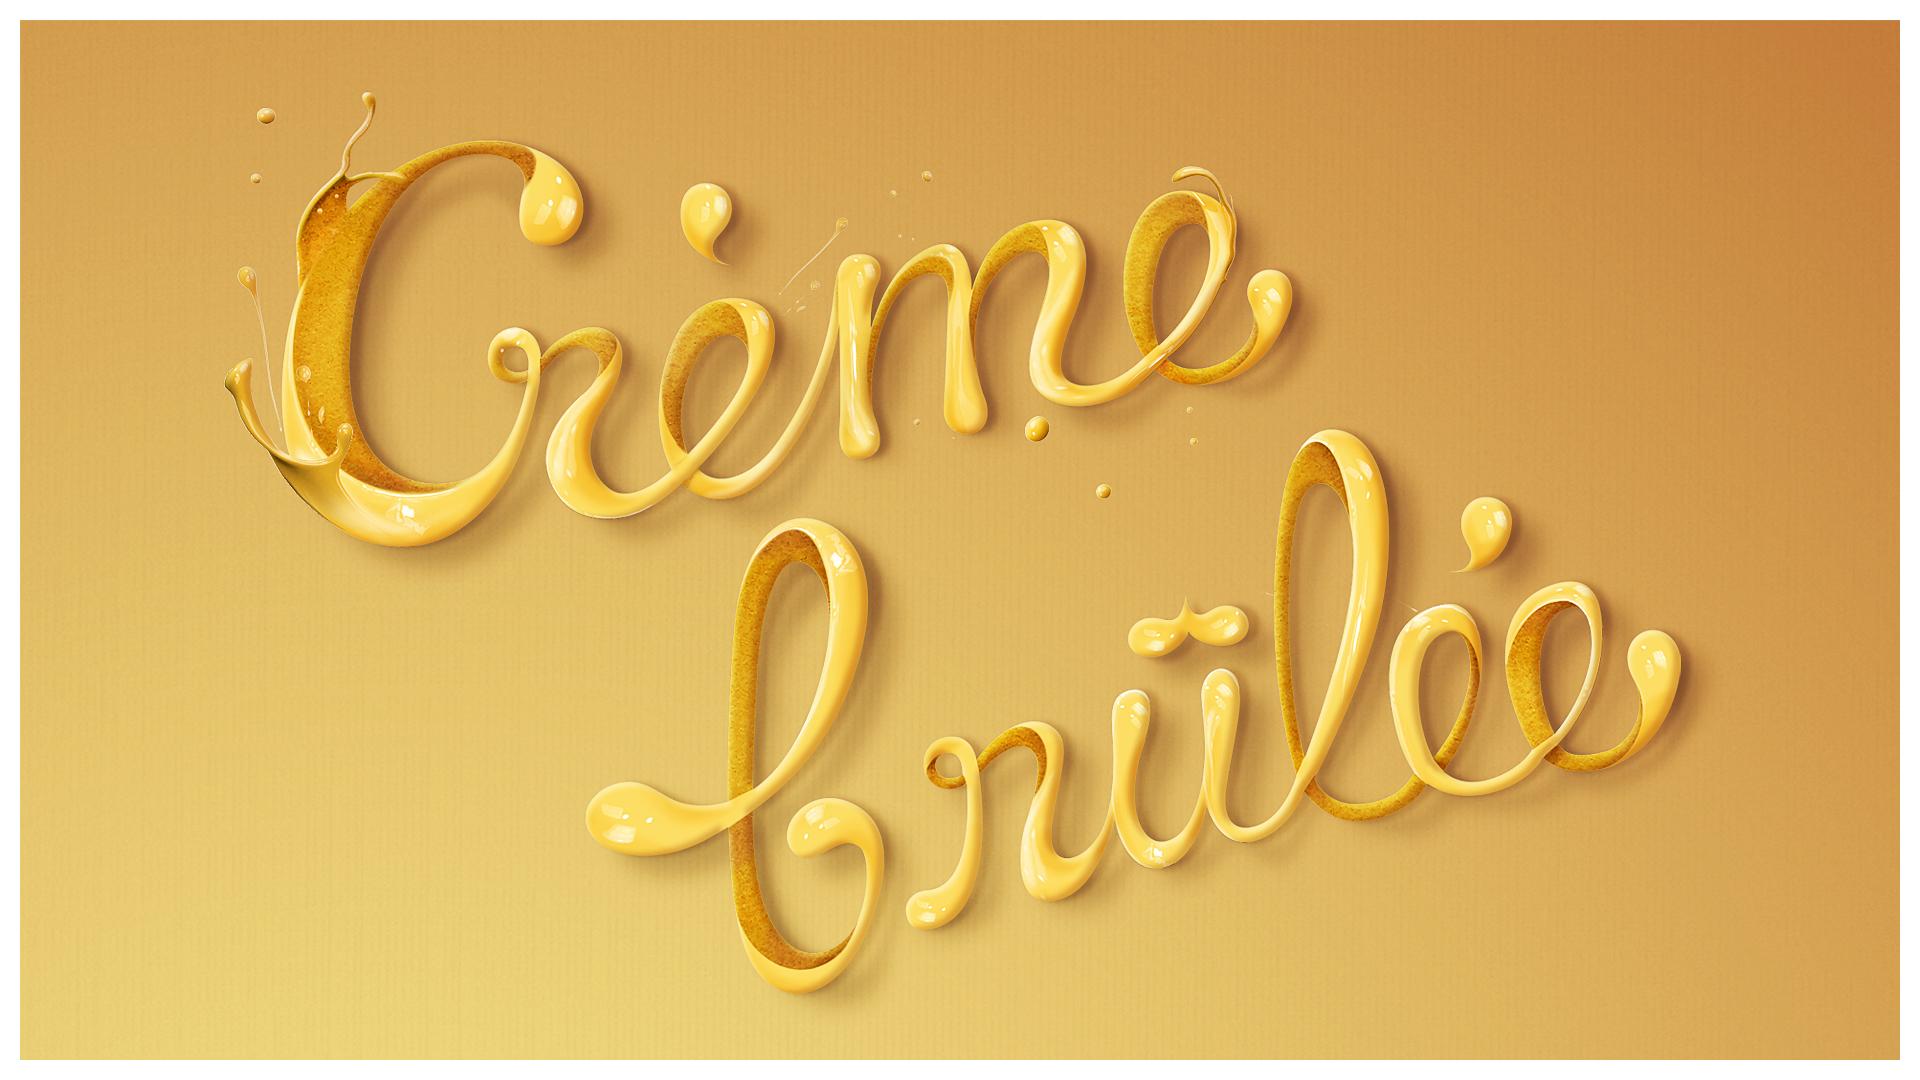 creme brulee_lettering_1920x1080